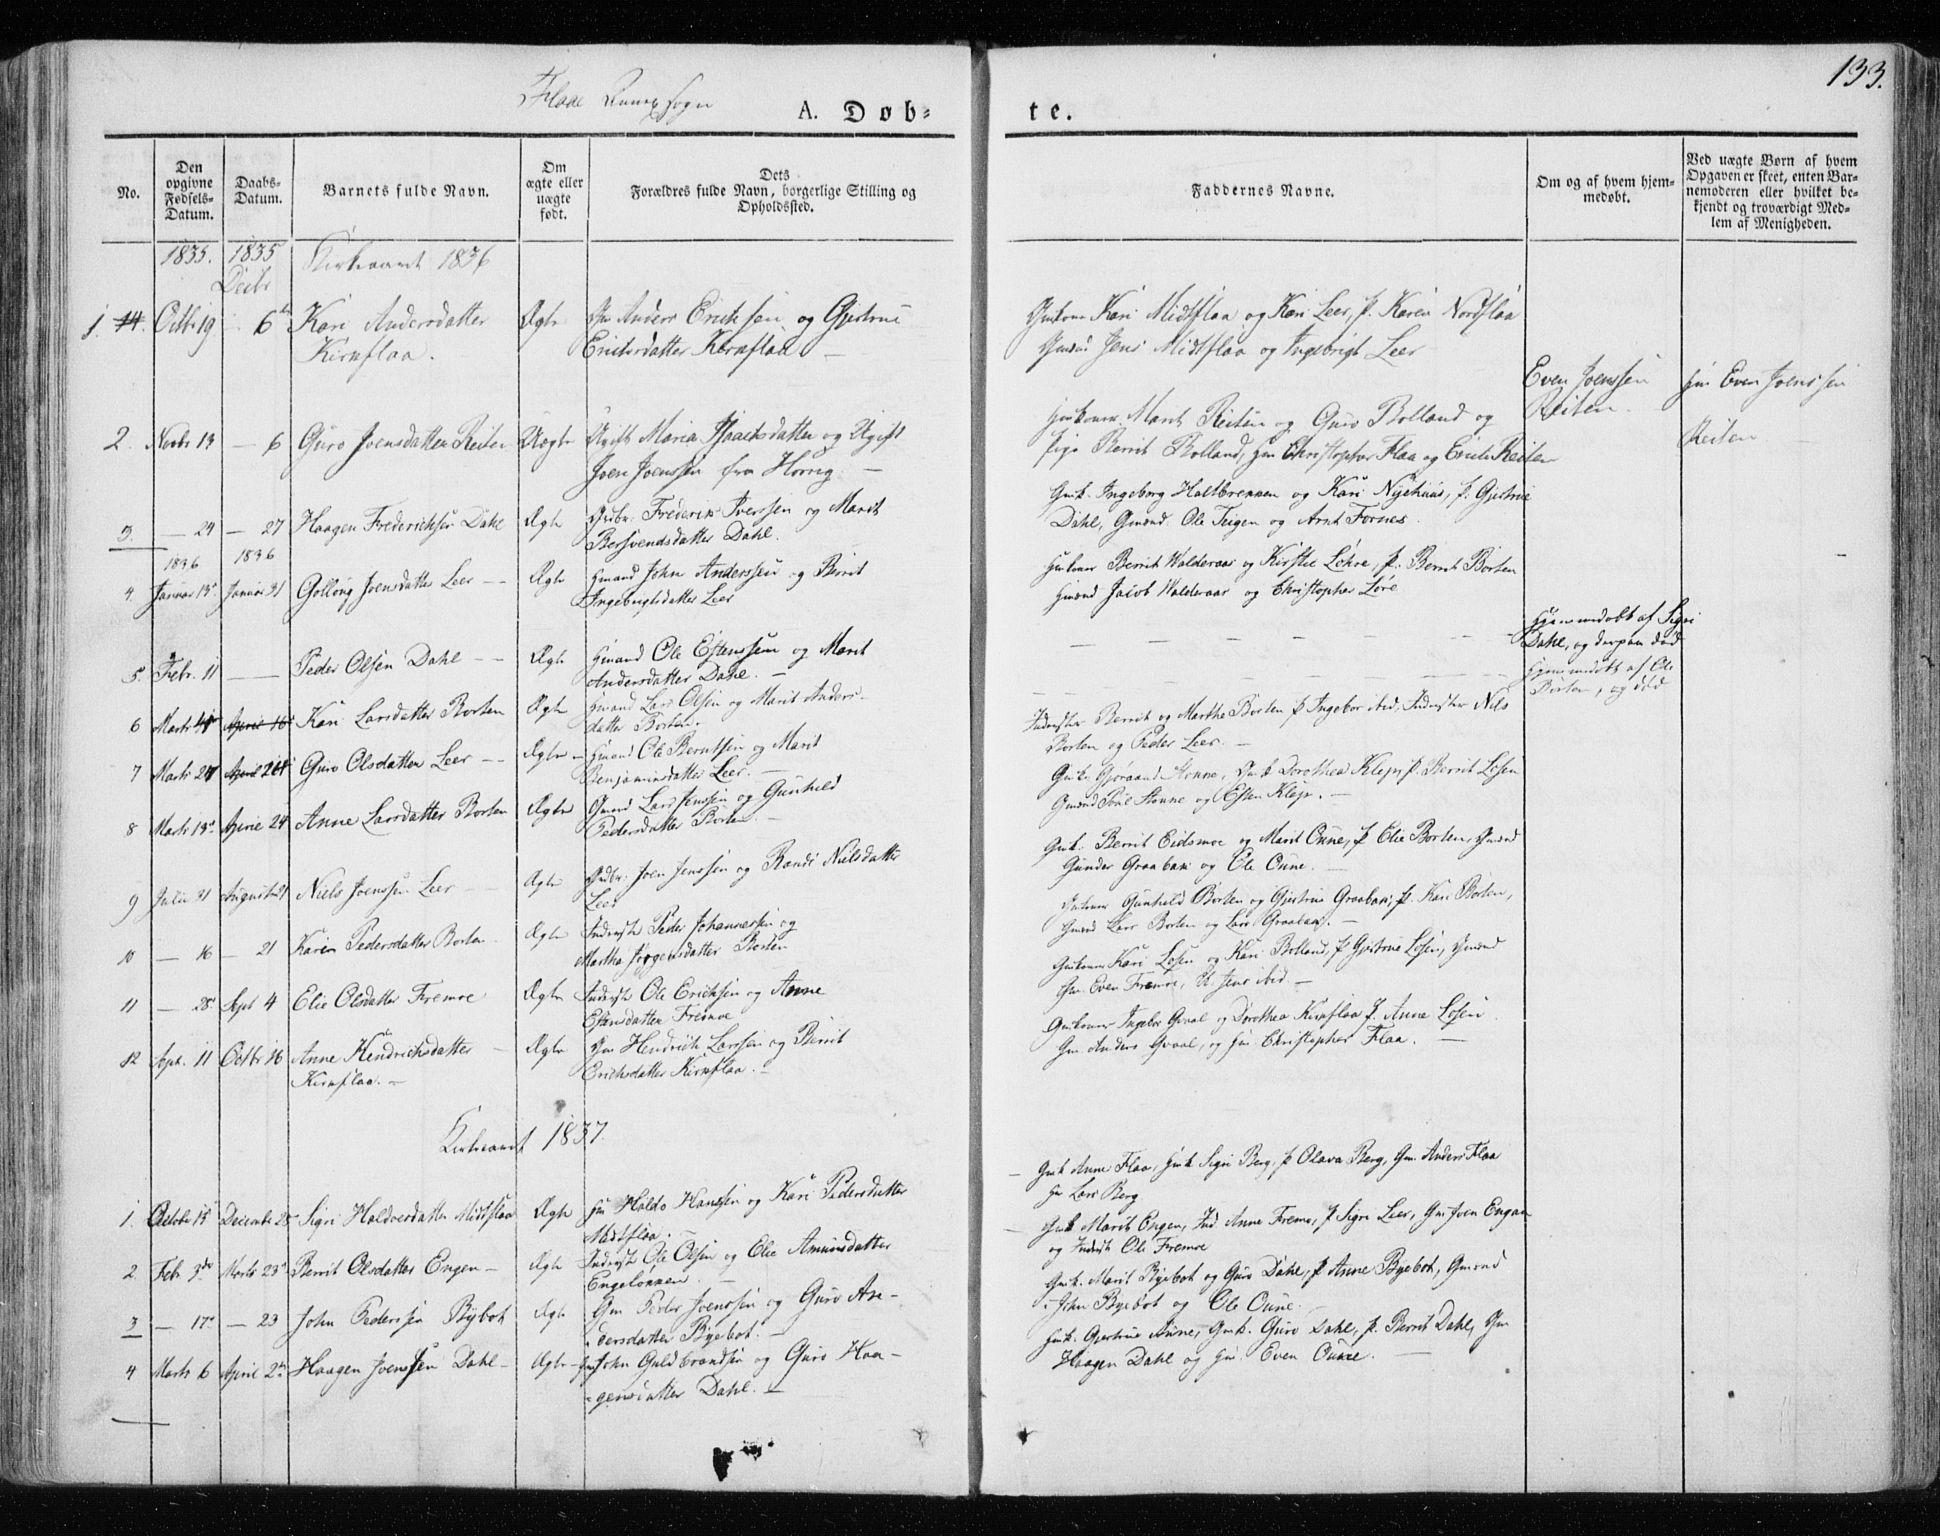 SAT, Ministerialprotokoller, klokkerbøker og fødselsregistre - Sør-Trøndelag, 691/L1069: Ministerialbok nr. 691A04, 1826-1841, s. 133